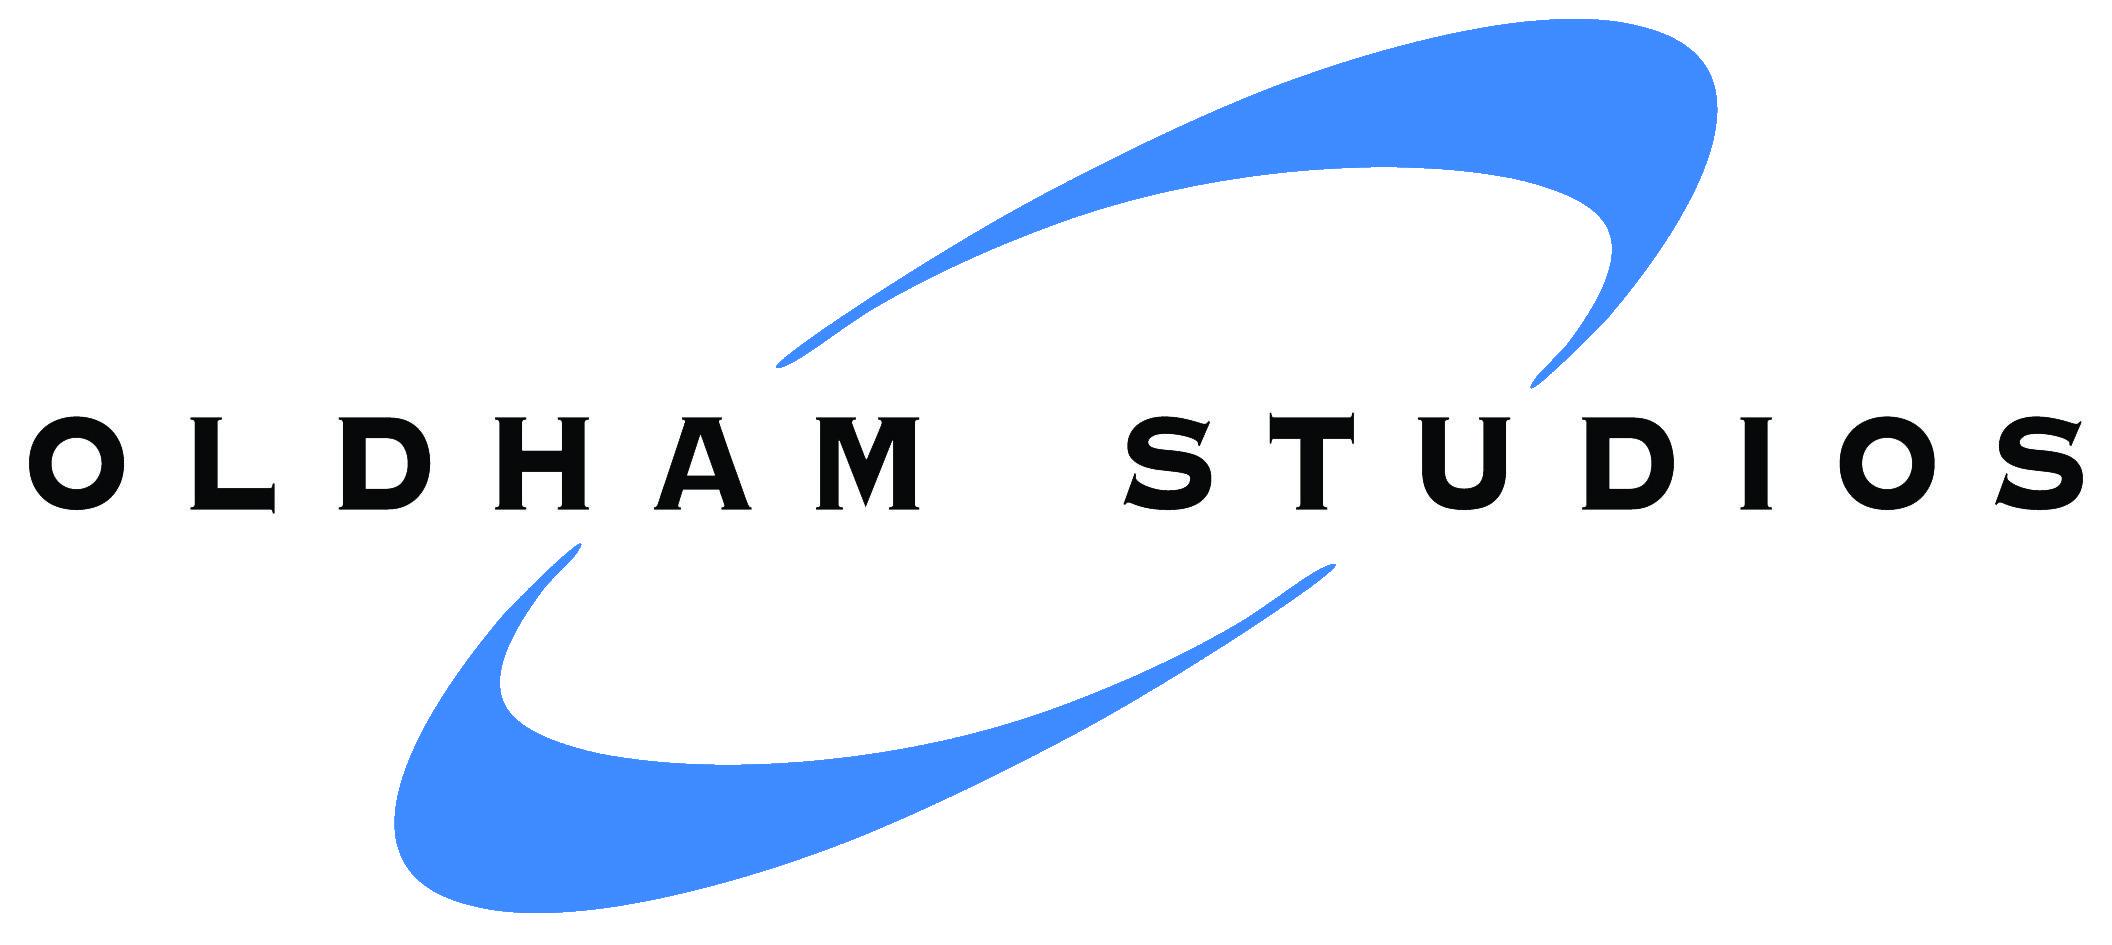 John Oldham Studios, Inc.